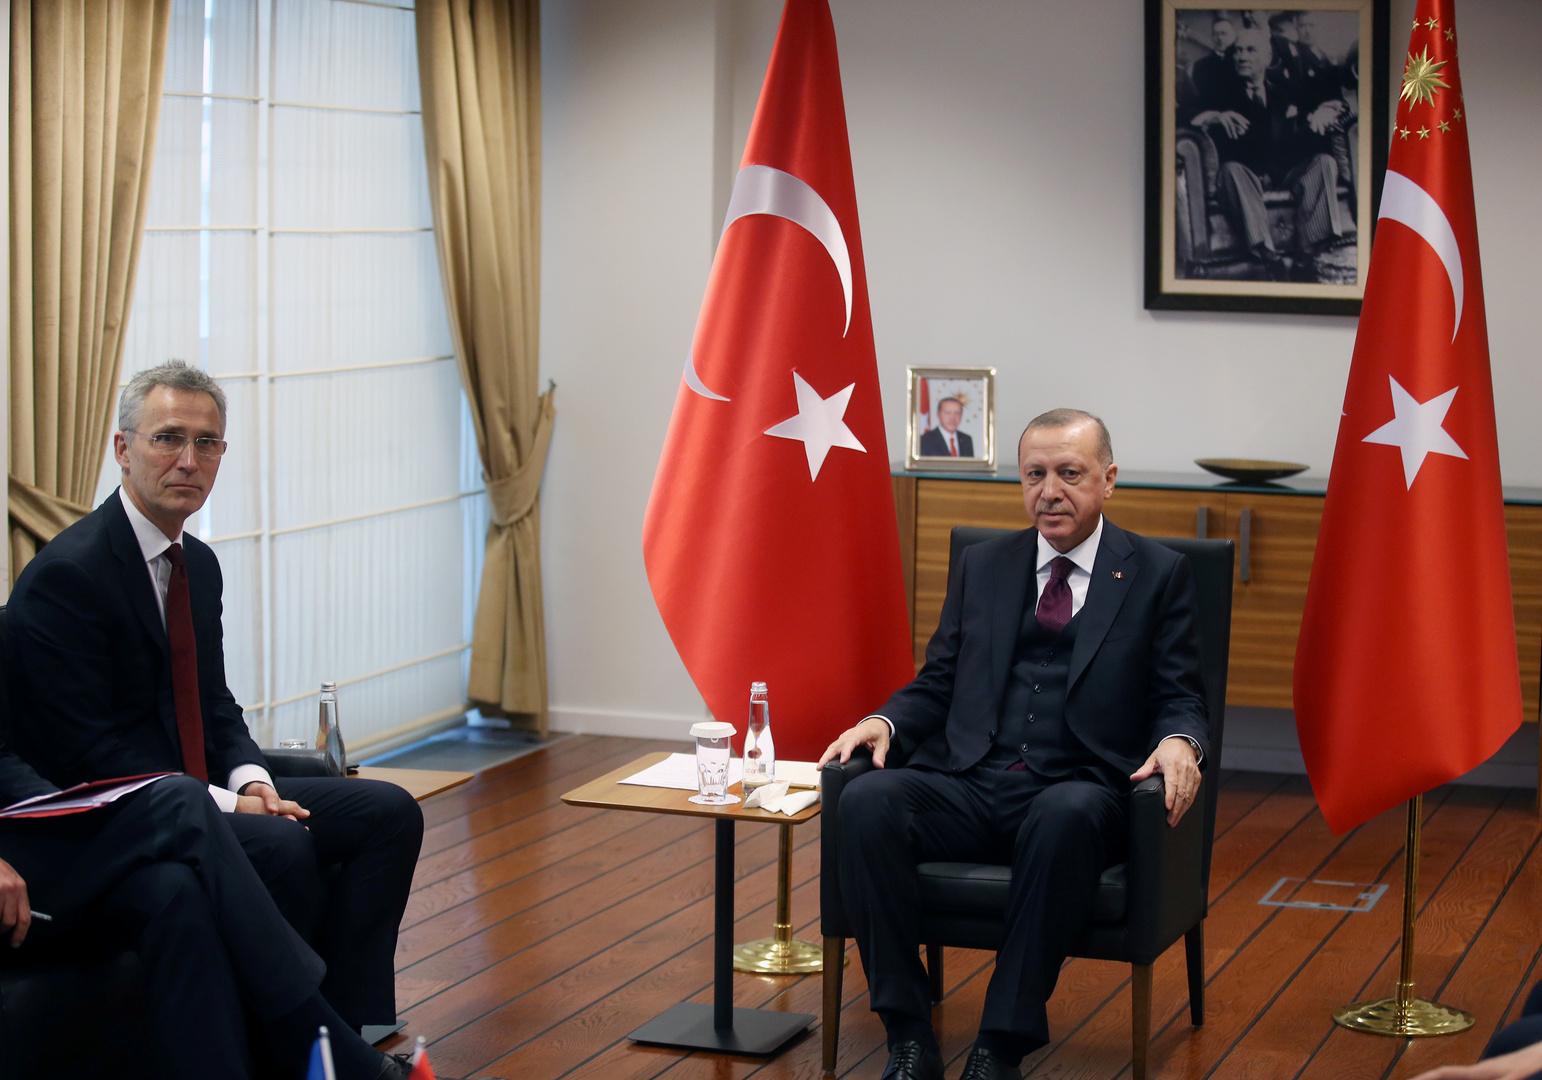 الرئيس التركي، رجب طيب أردوغان، والأمين العام للناتو، ينس ستولتنبيرغ